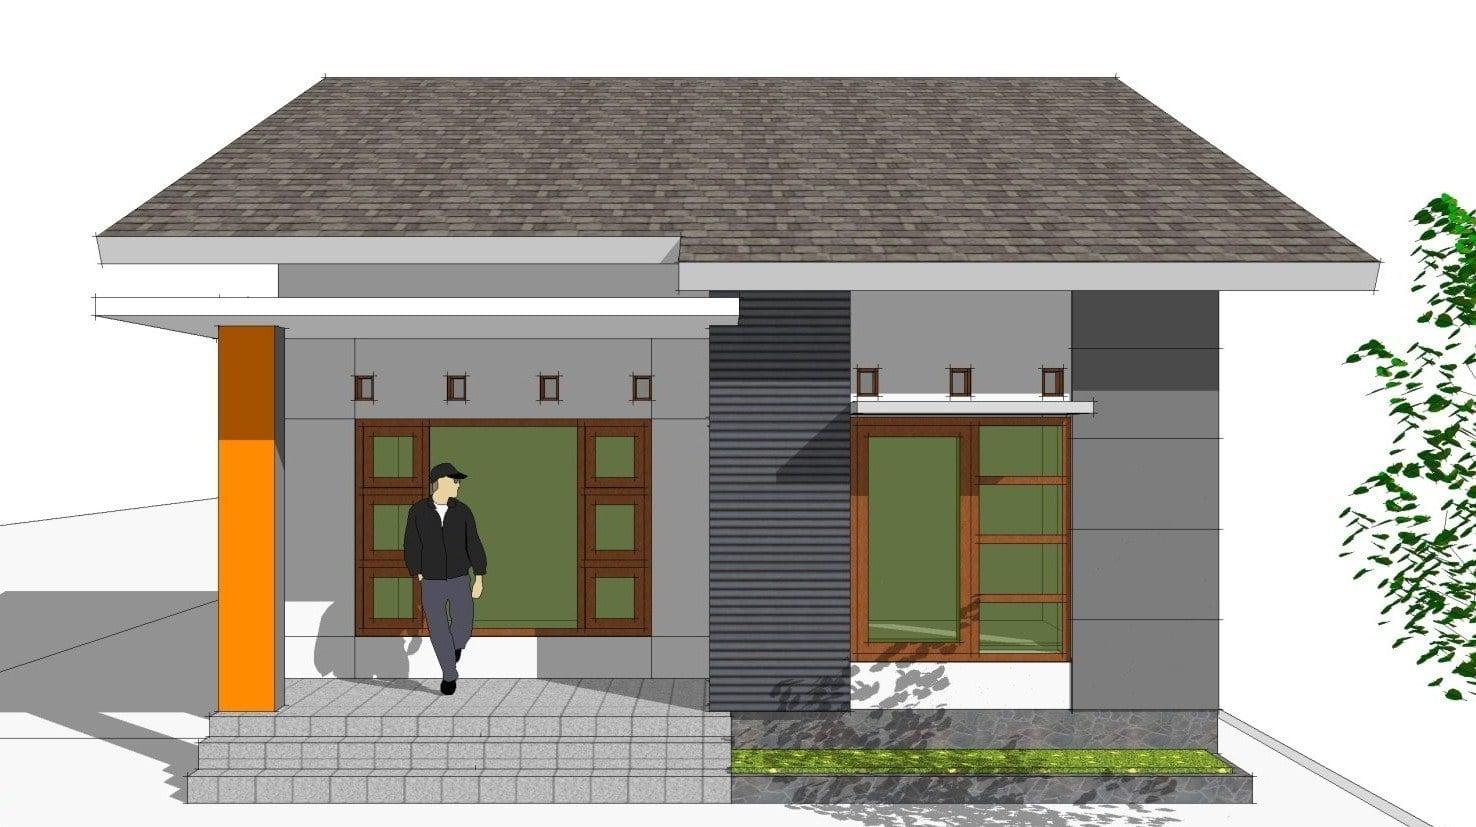 Luar biasa 21 Gambar Rumah Kampung 32 Menciptakan Inspirasi Ide Desain Interior Rumah untuk 21 Gambar Rumah Kampung